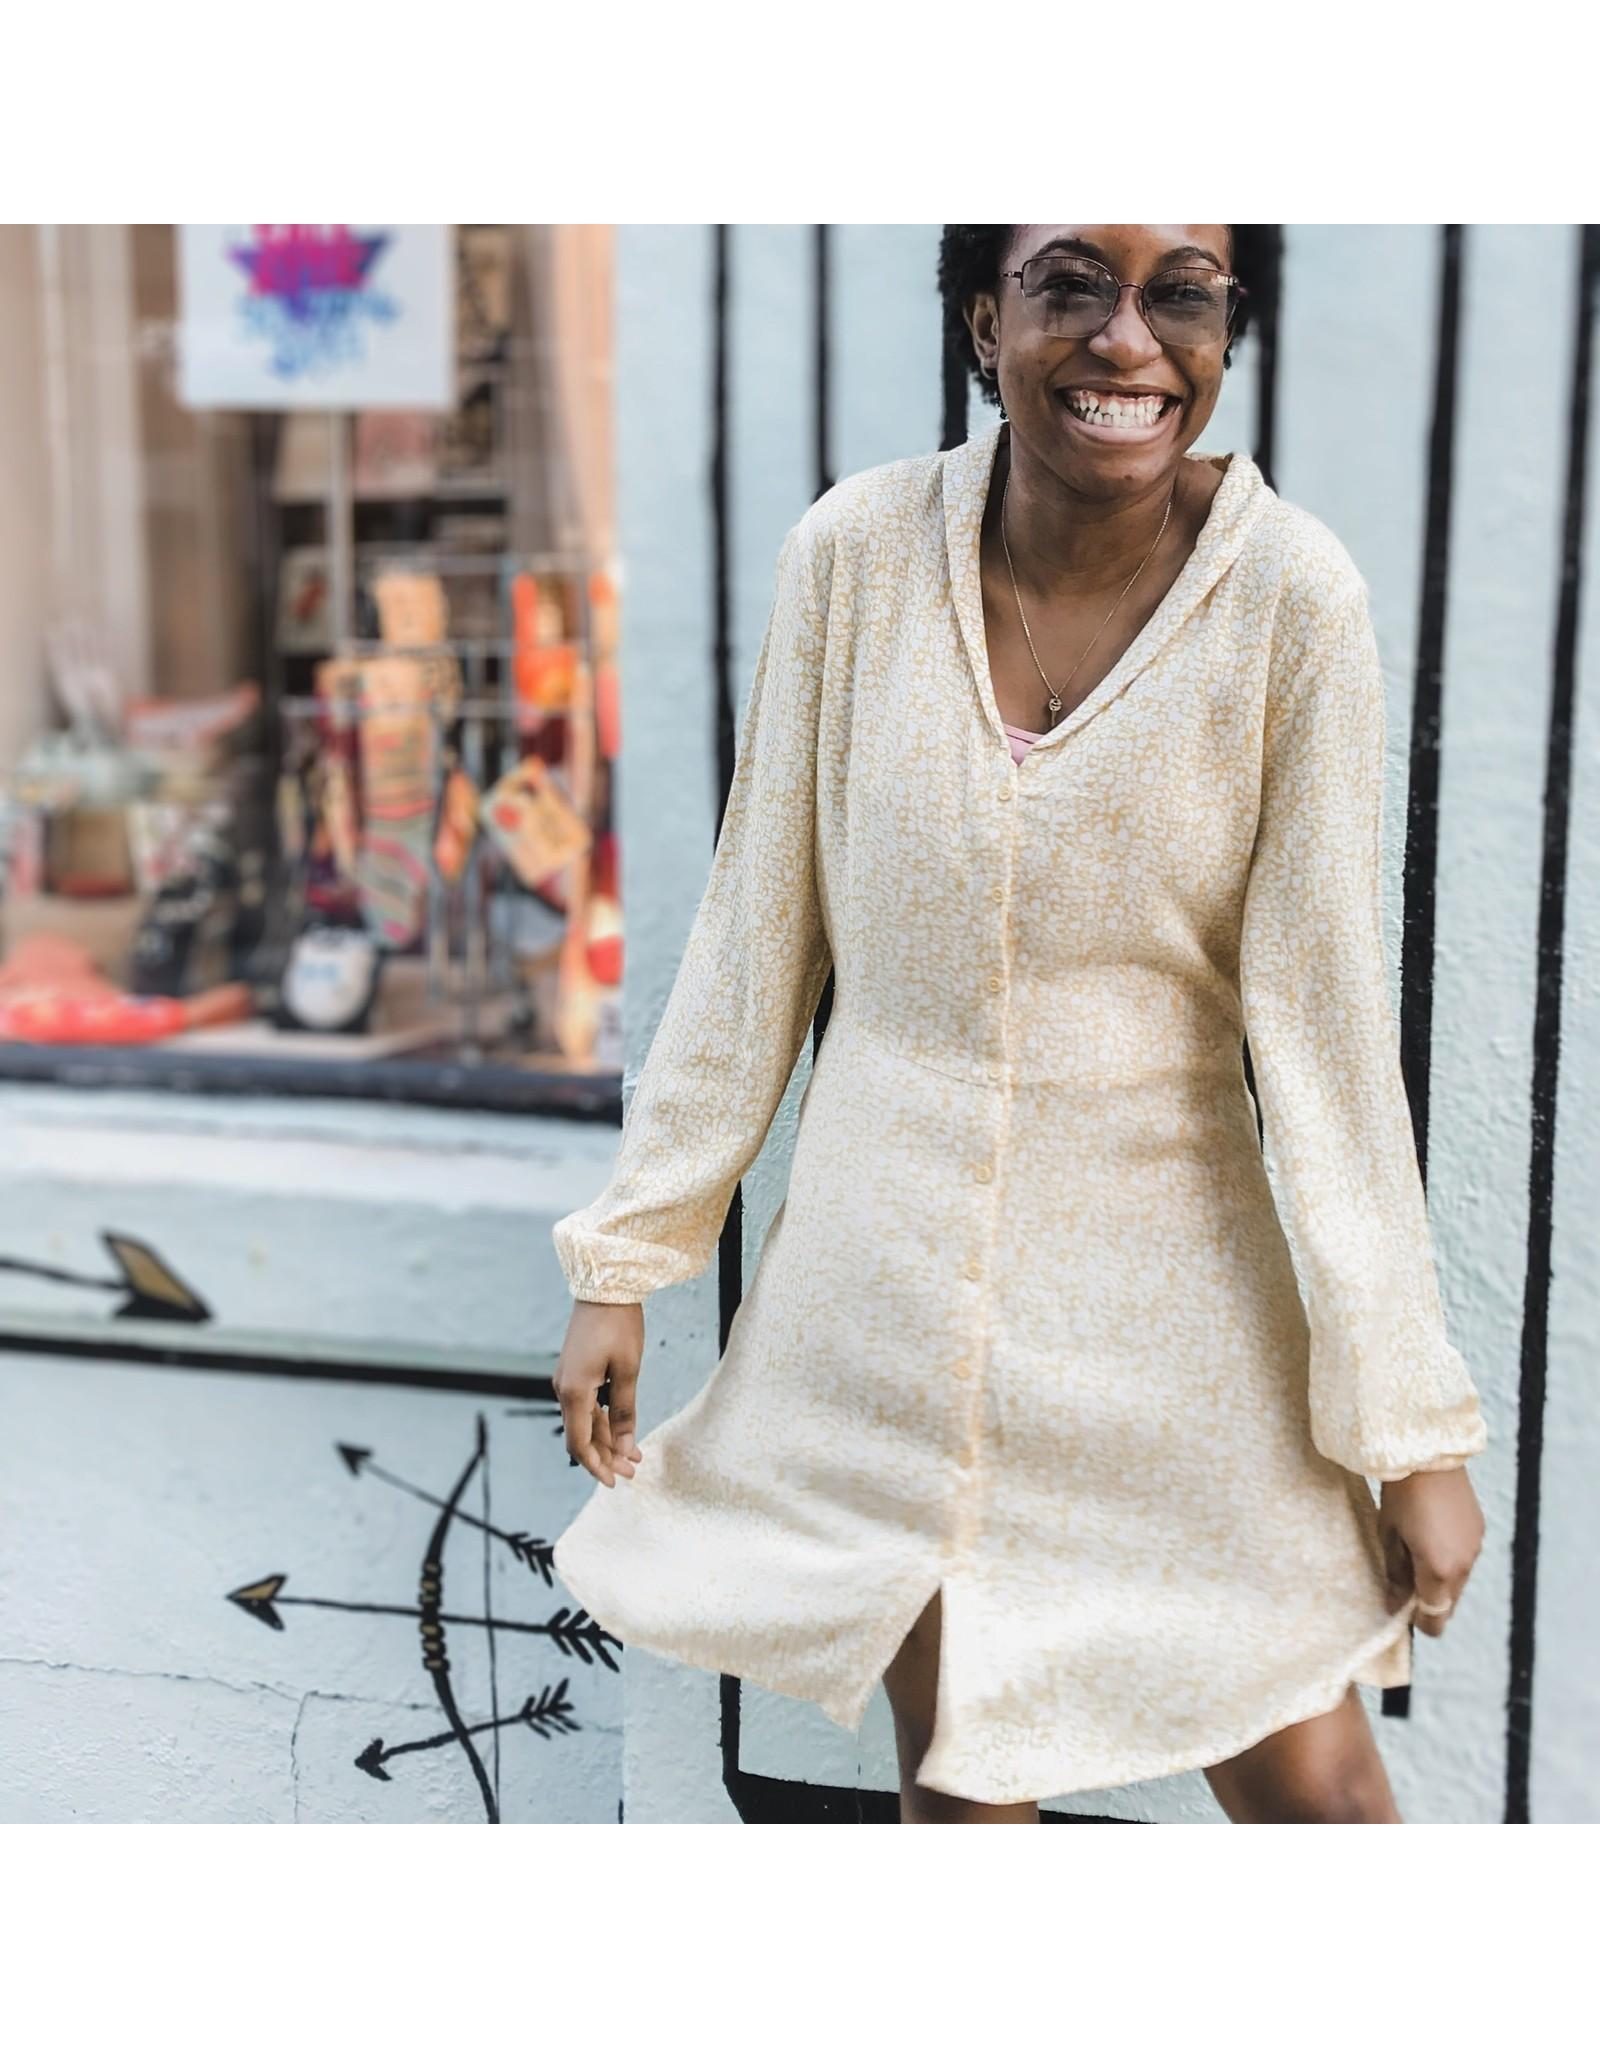 IDK - Long Sleeve Easy Dress